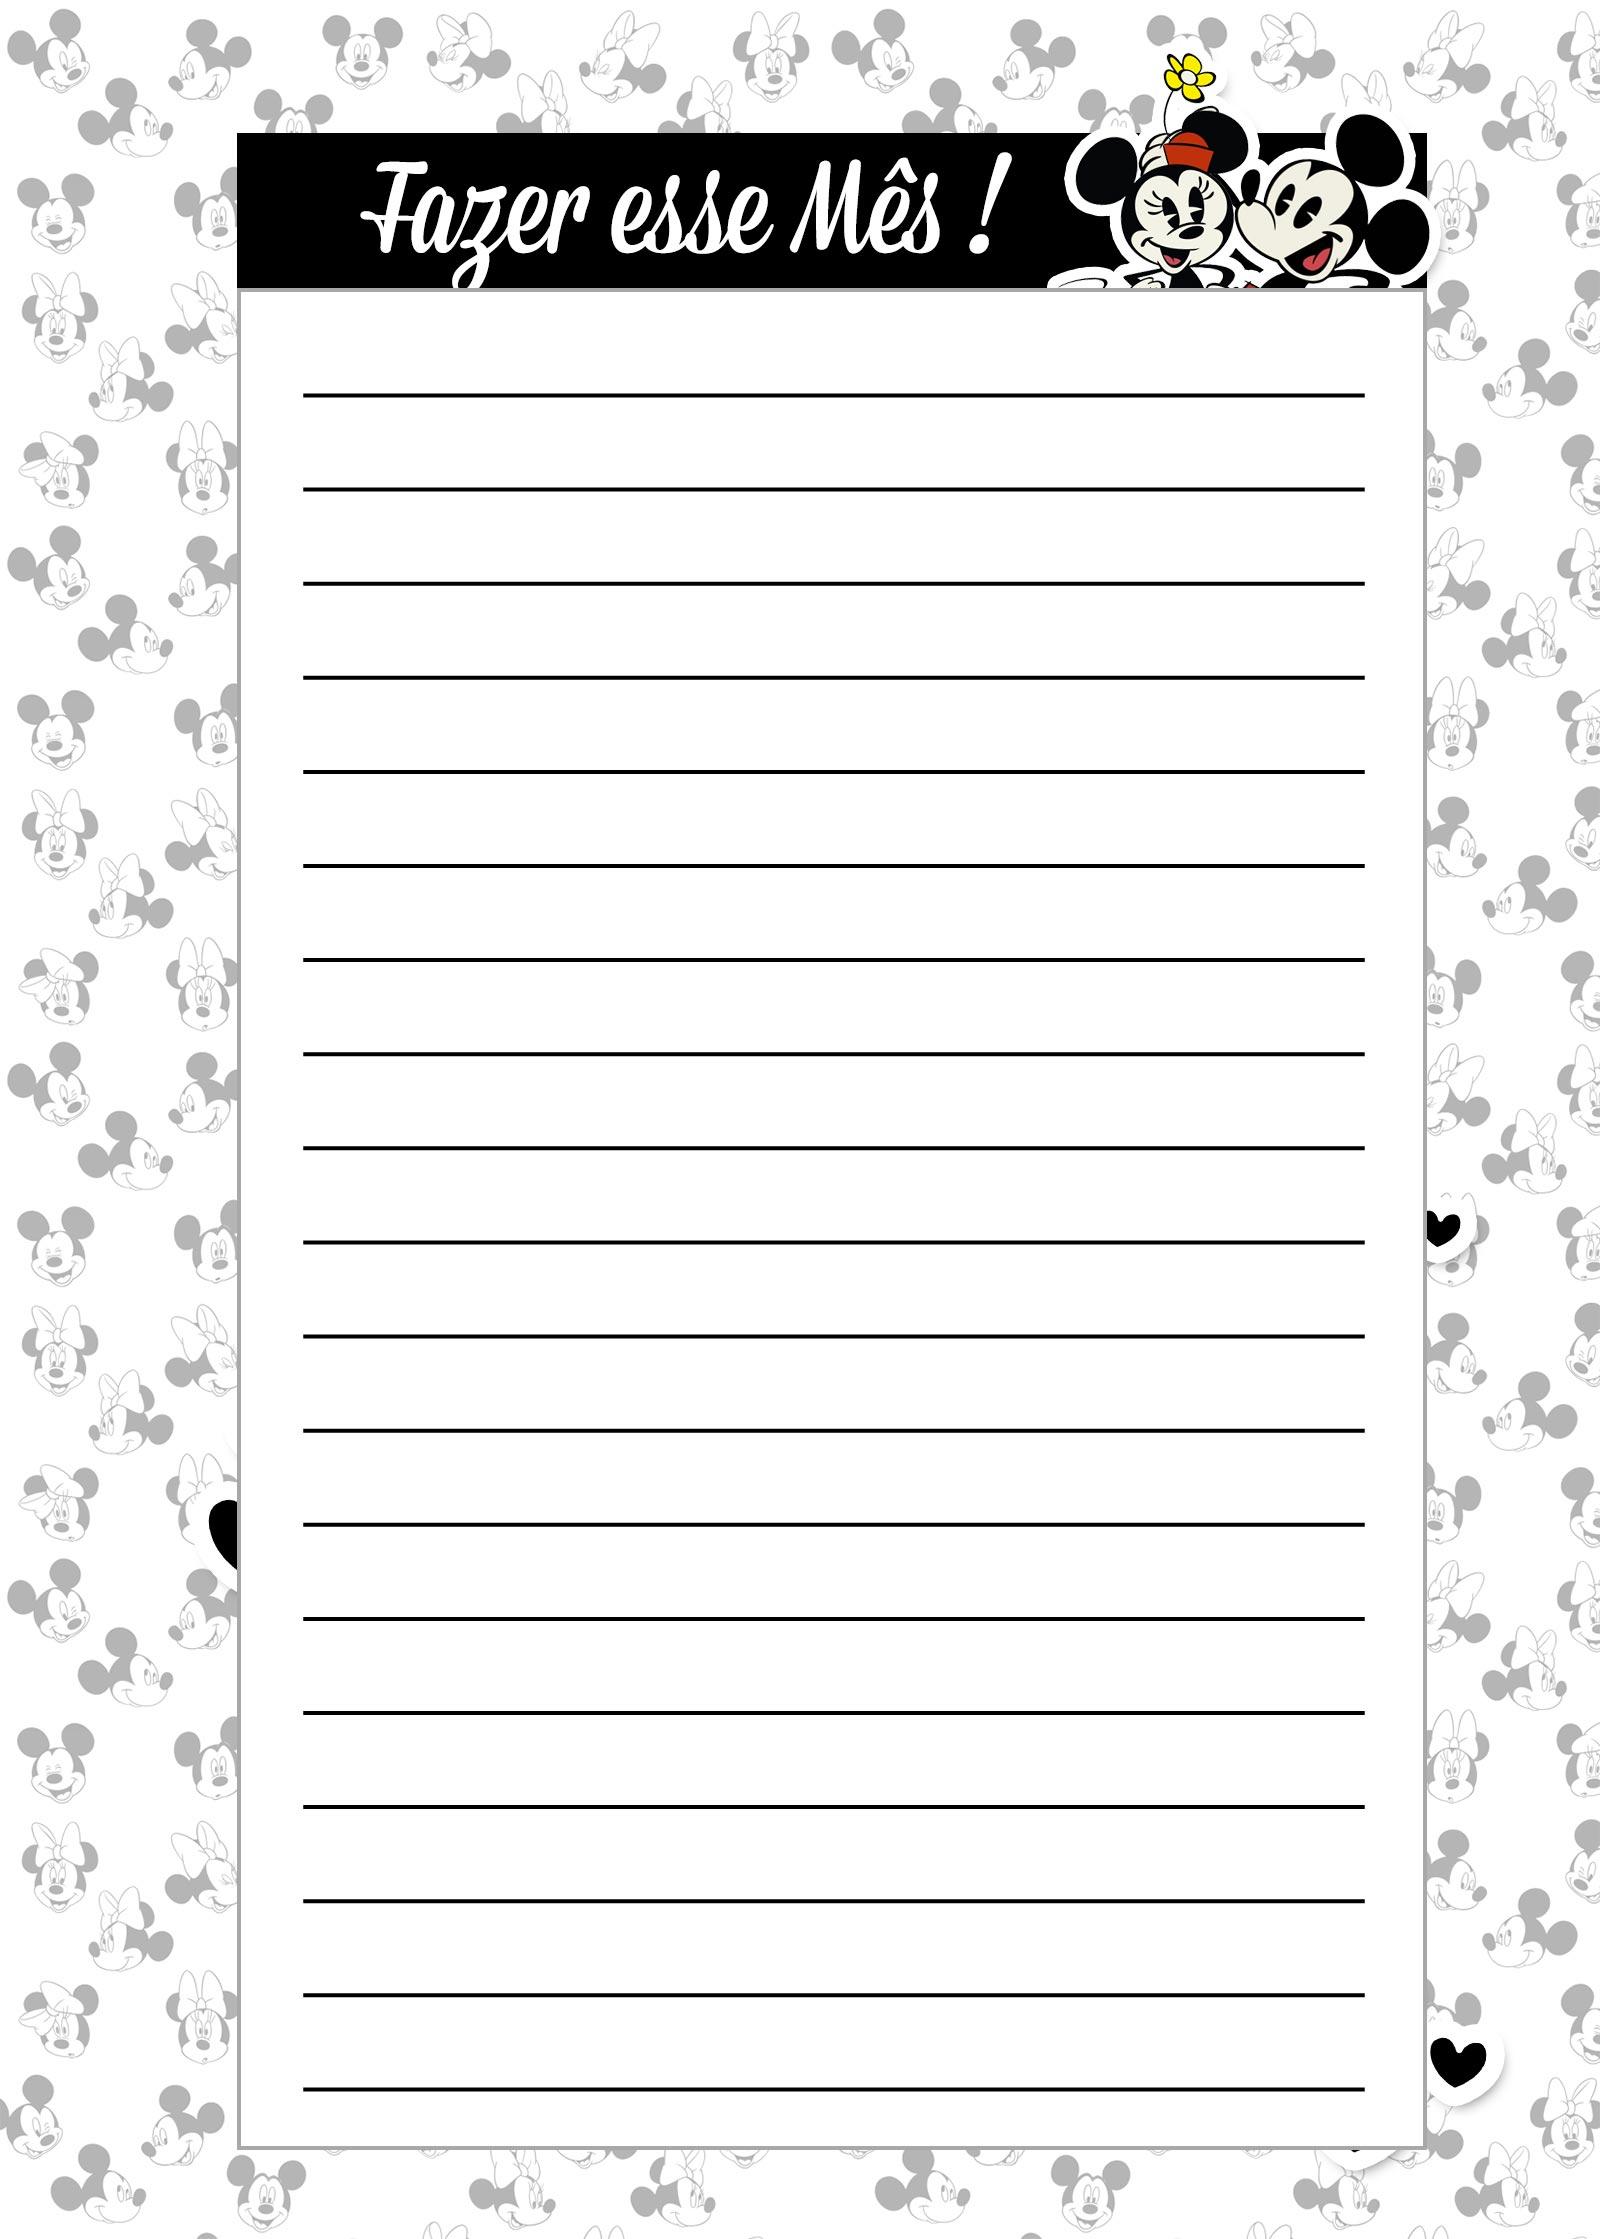 Caderno de Planejamento para professores Fazes esse Mes Mickey e Minnie